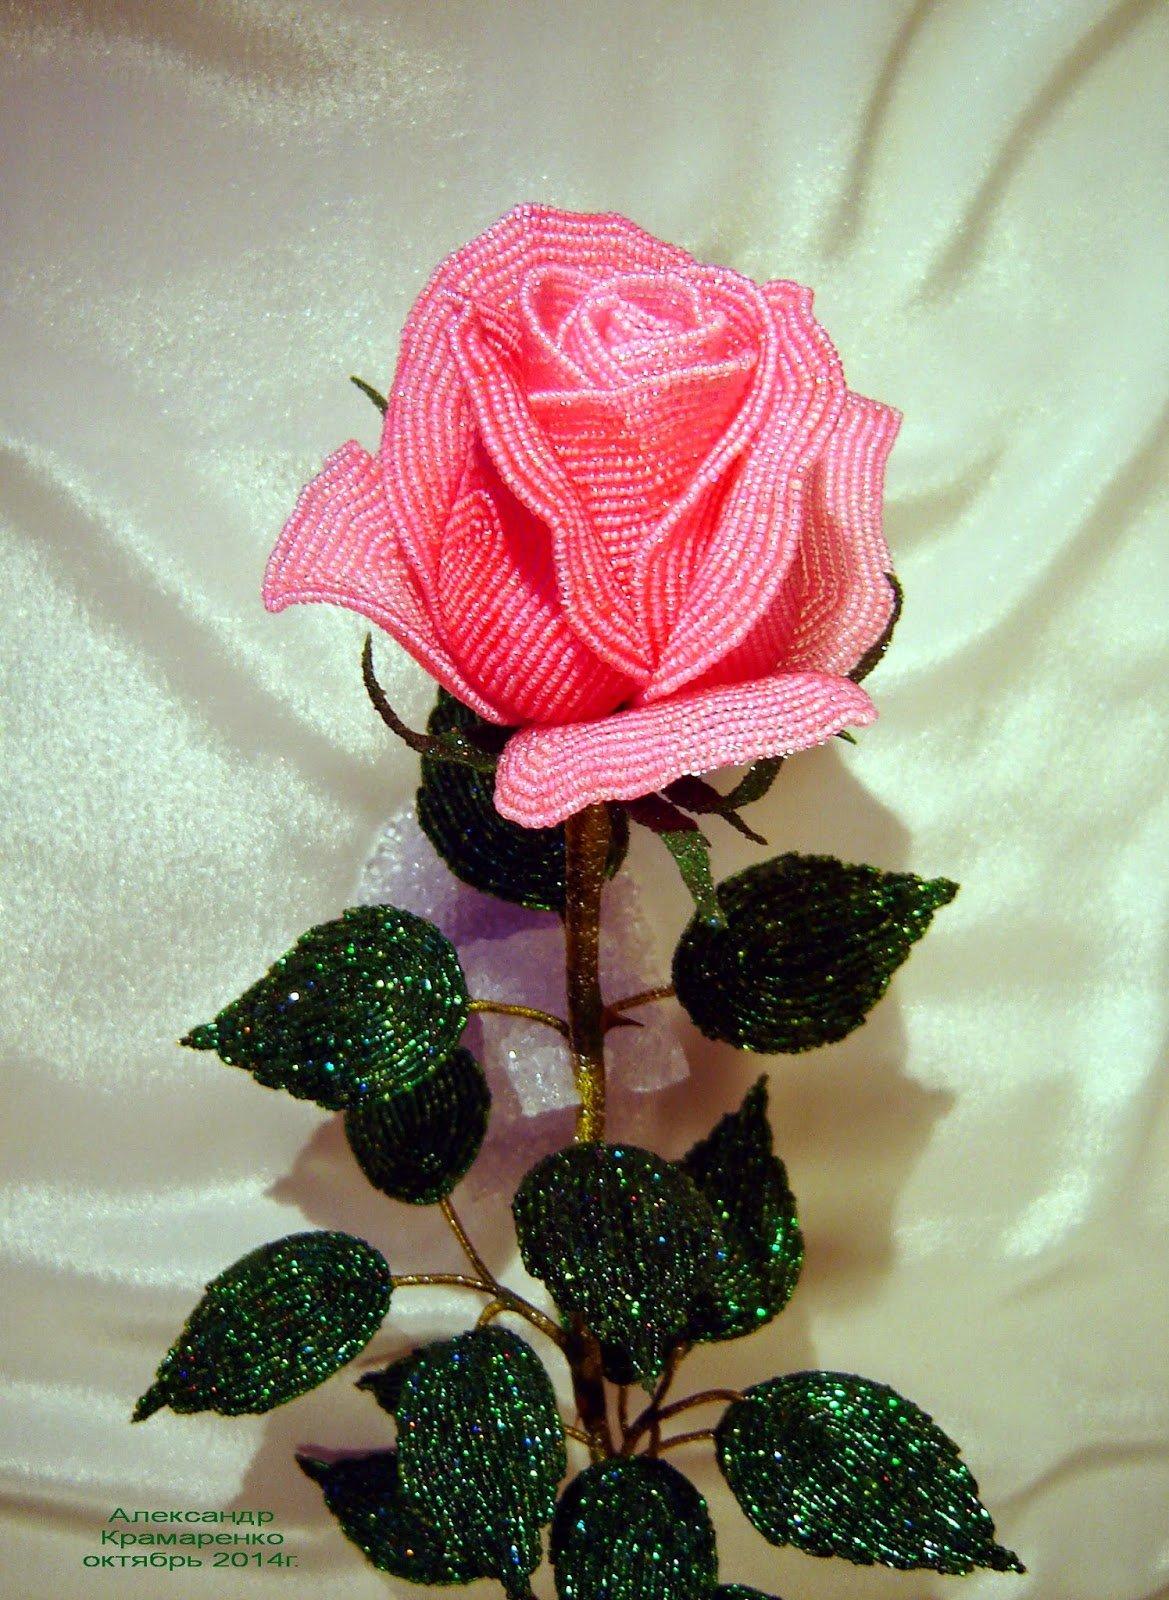 краям, картинка поделки из бисера роза поздравить